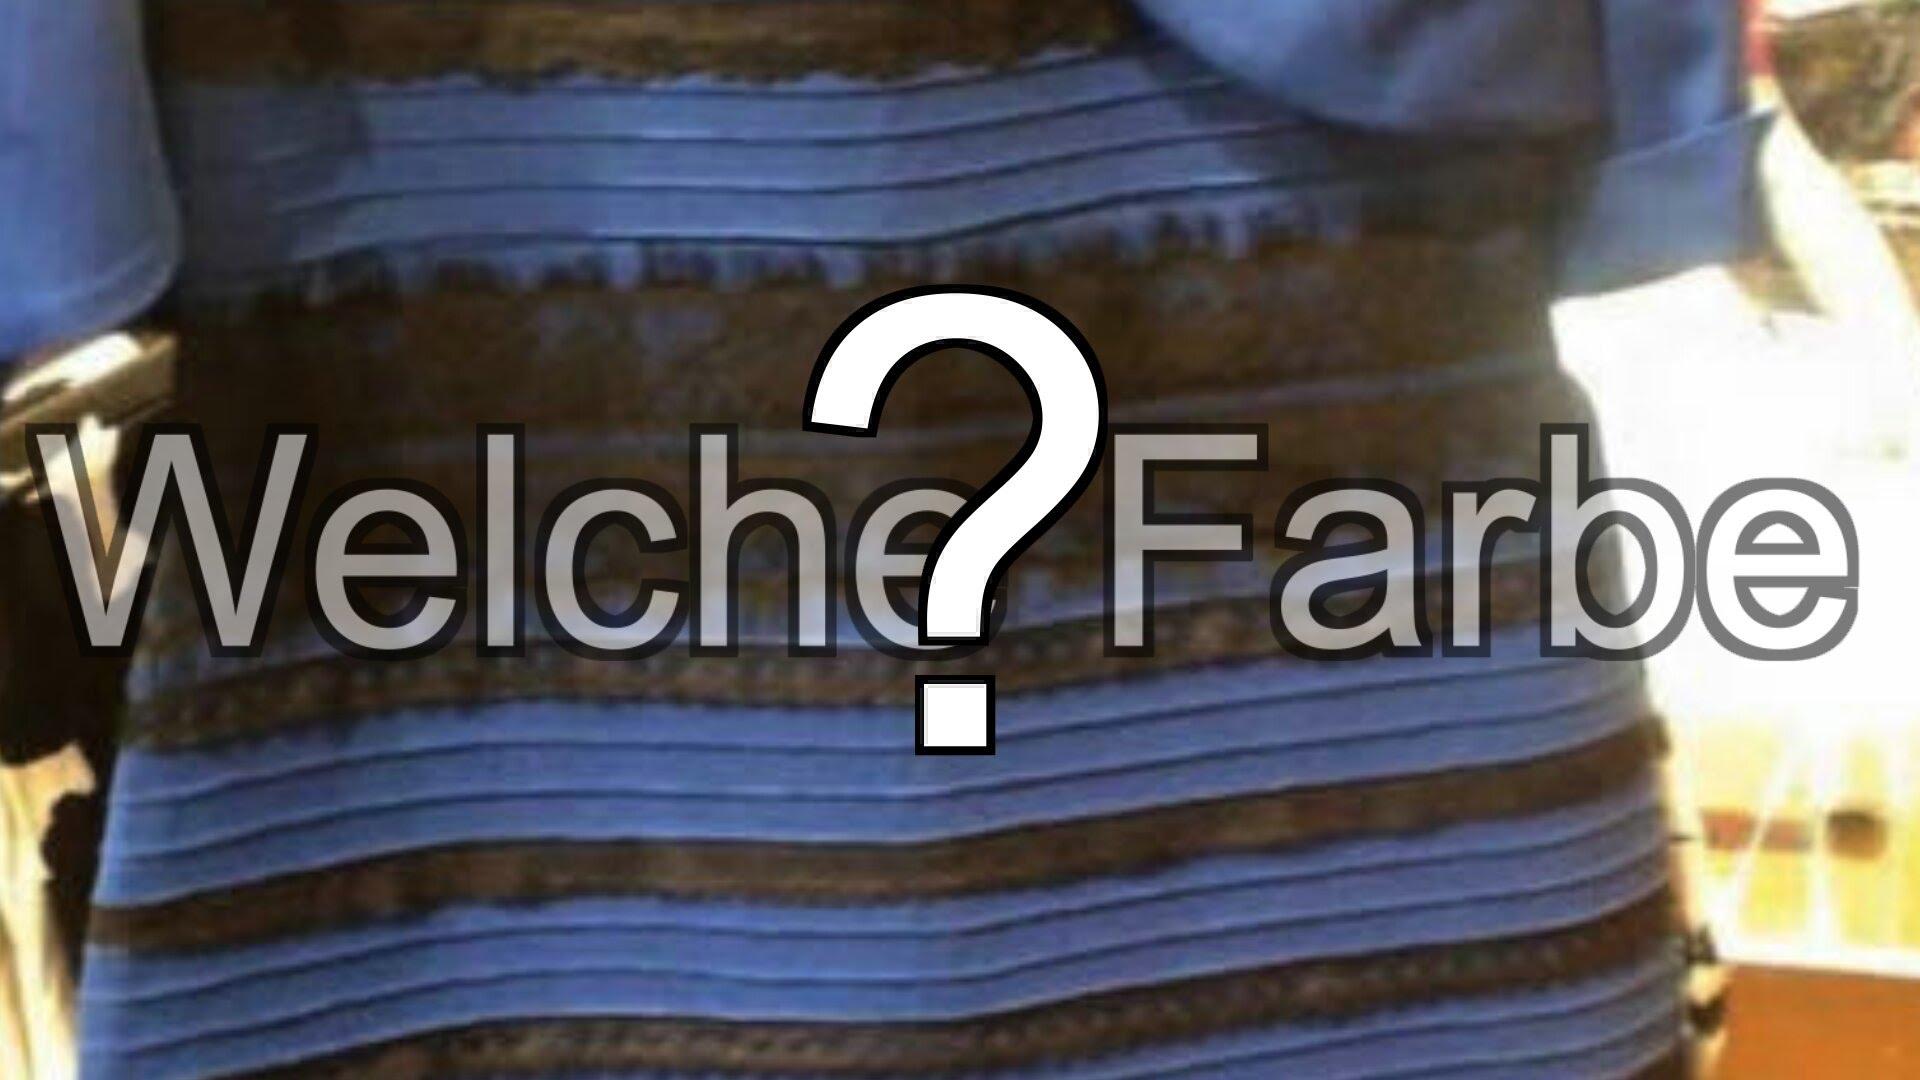 Kleid blau schwarz gold weiss erklarung